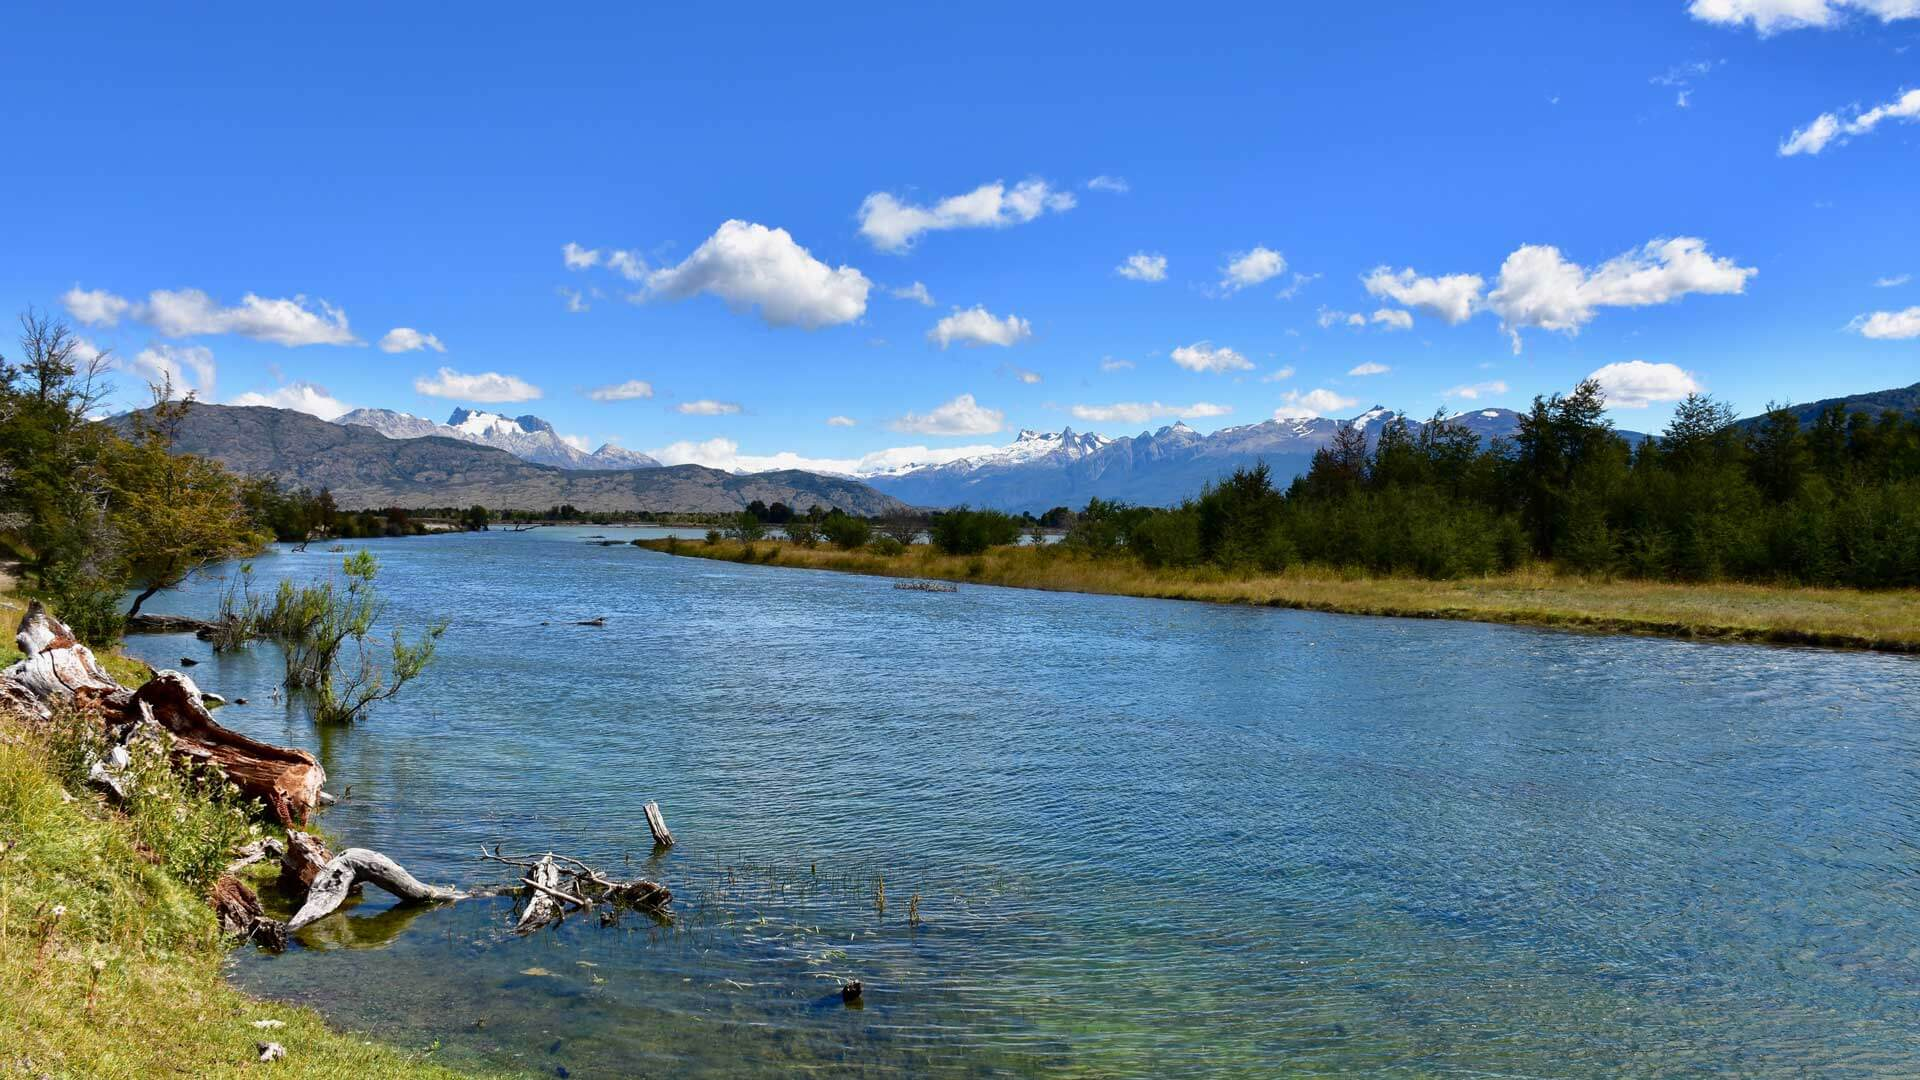 Die schöne Einmündung des Rio Cochrane in den Rio Baker